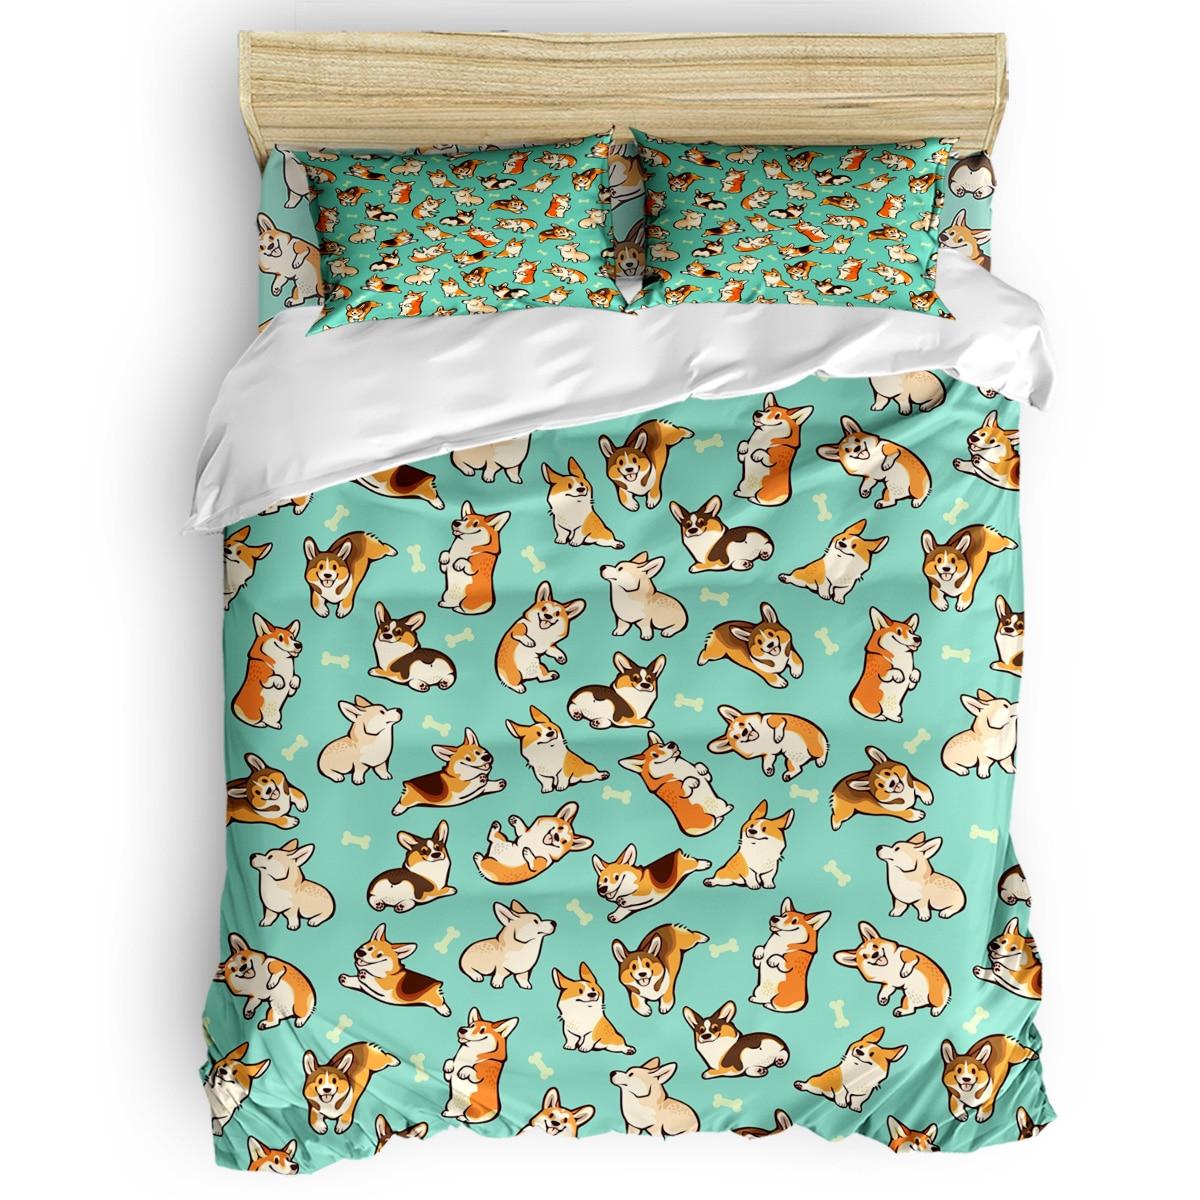 Jolly Corgis в зеленом пододеяльнике 3D хлопок King size постельные принадлежности набор покрытий одеяло набор постельных принадлежностей для односп